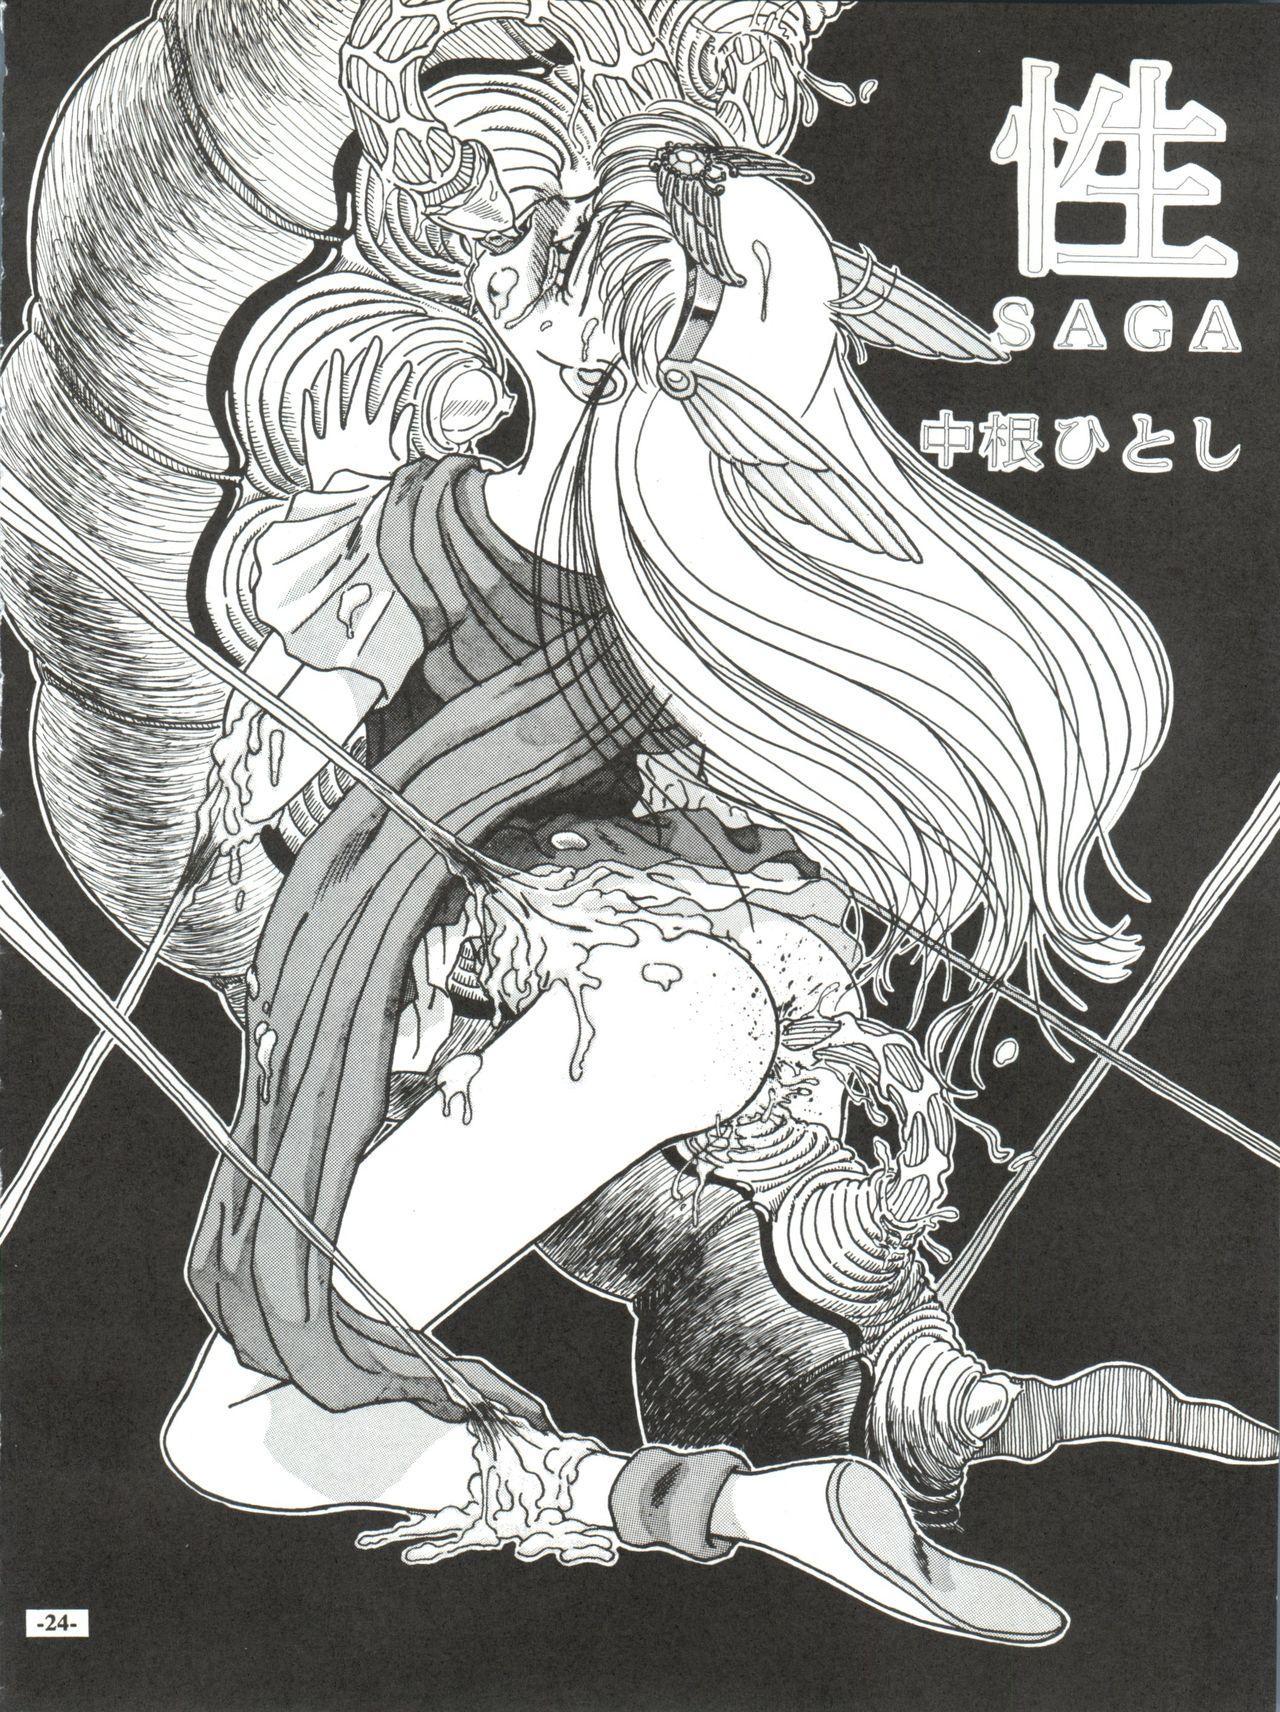 ZABON vol. 6 23